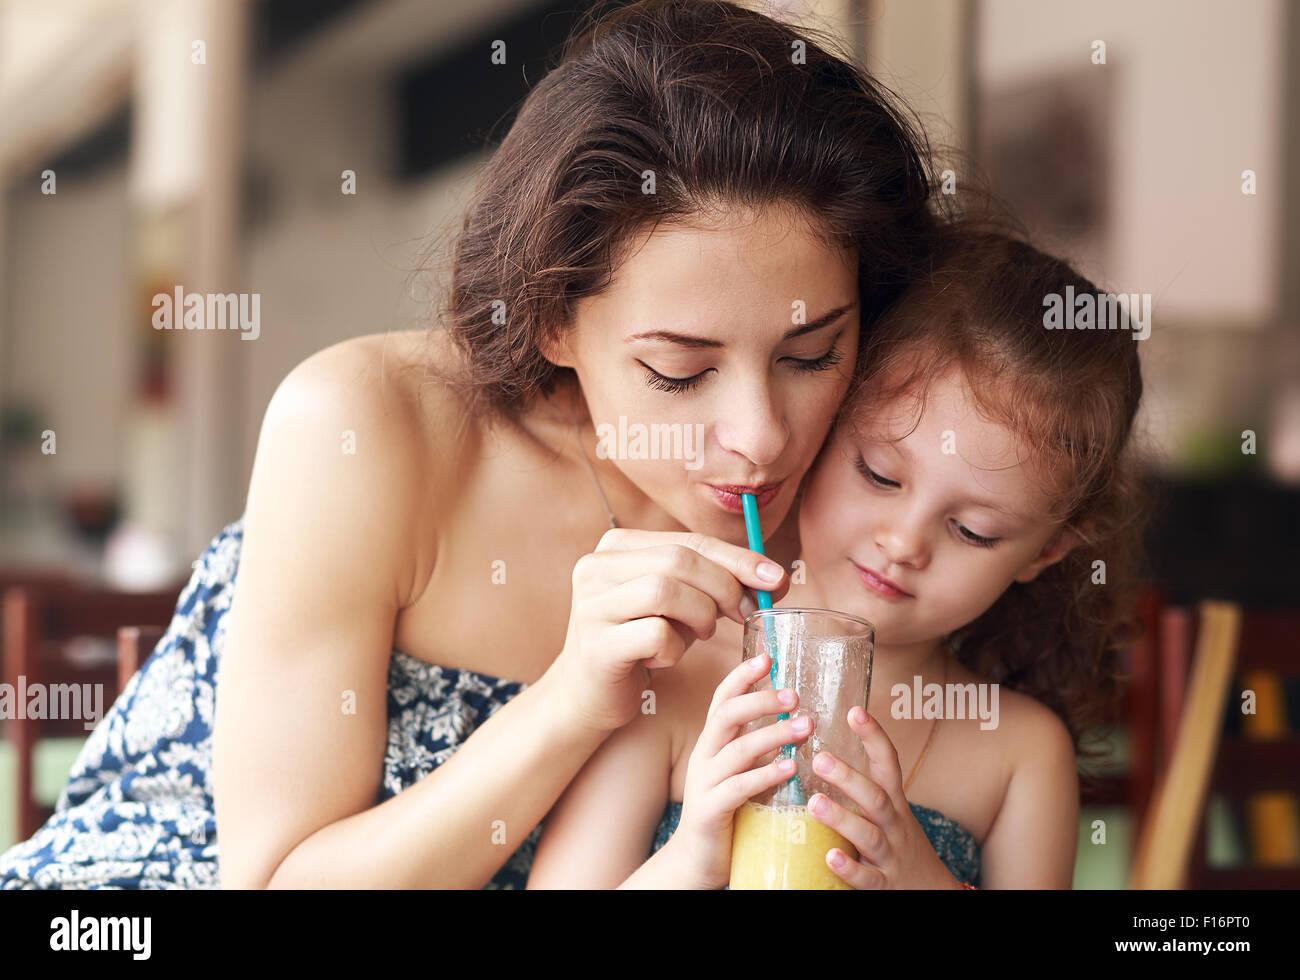 Famille heureuse de boire du jus d'orange et café joying en milieu urbain. Portrait de l'émotion Photo Stock